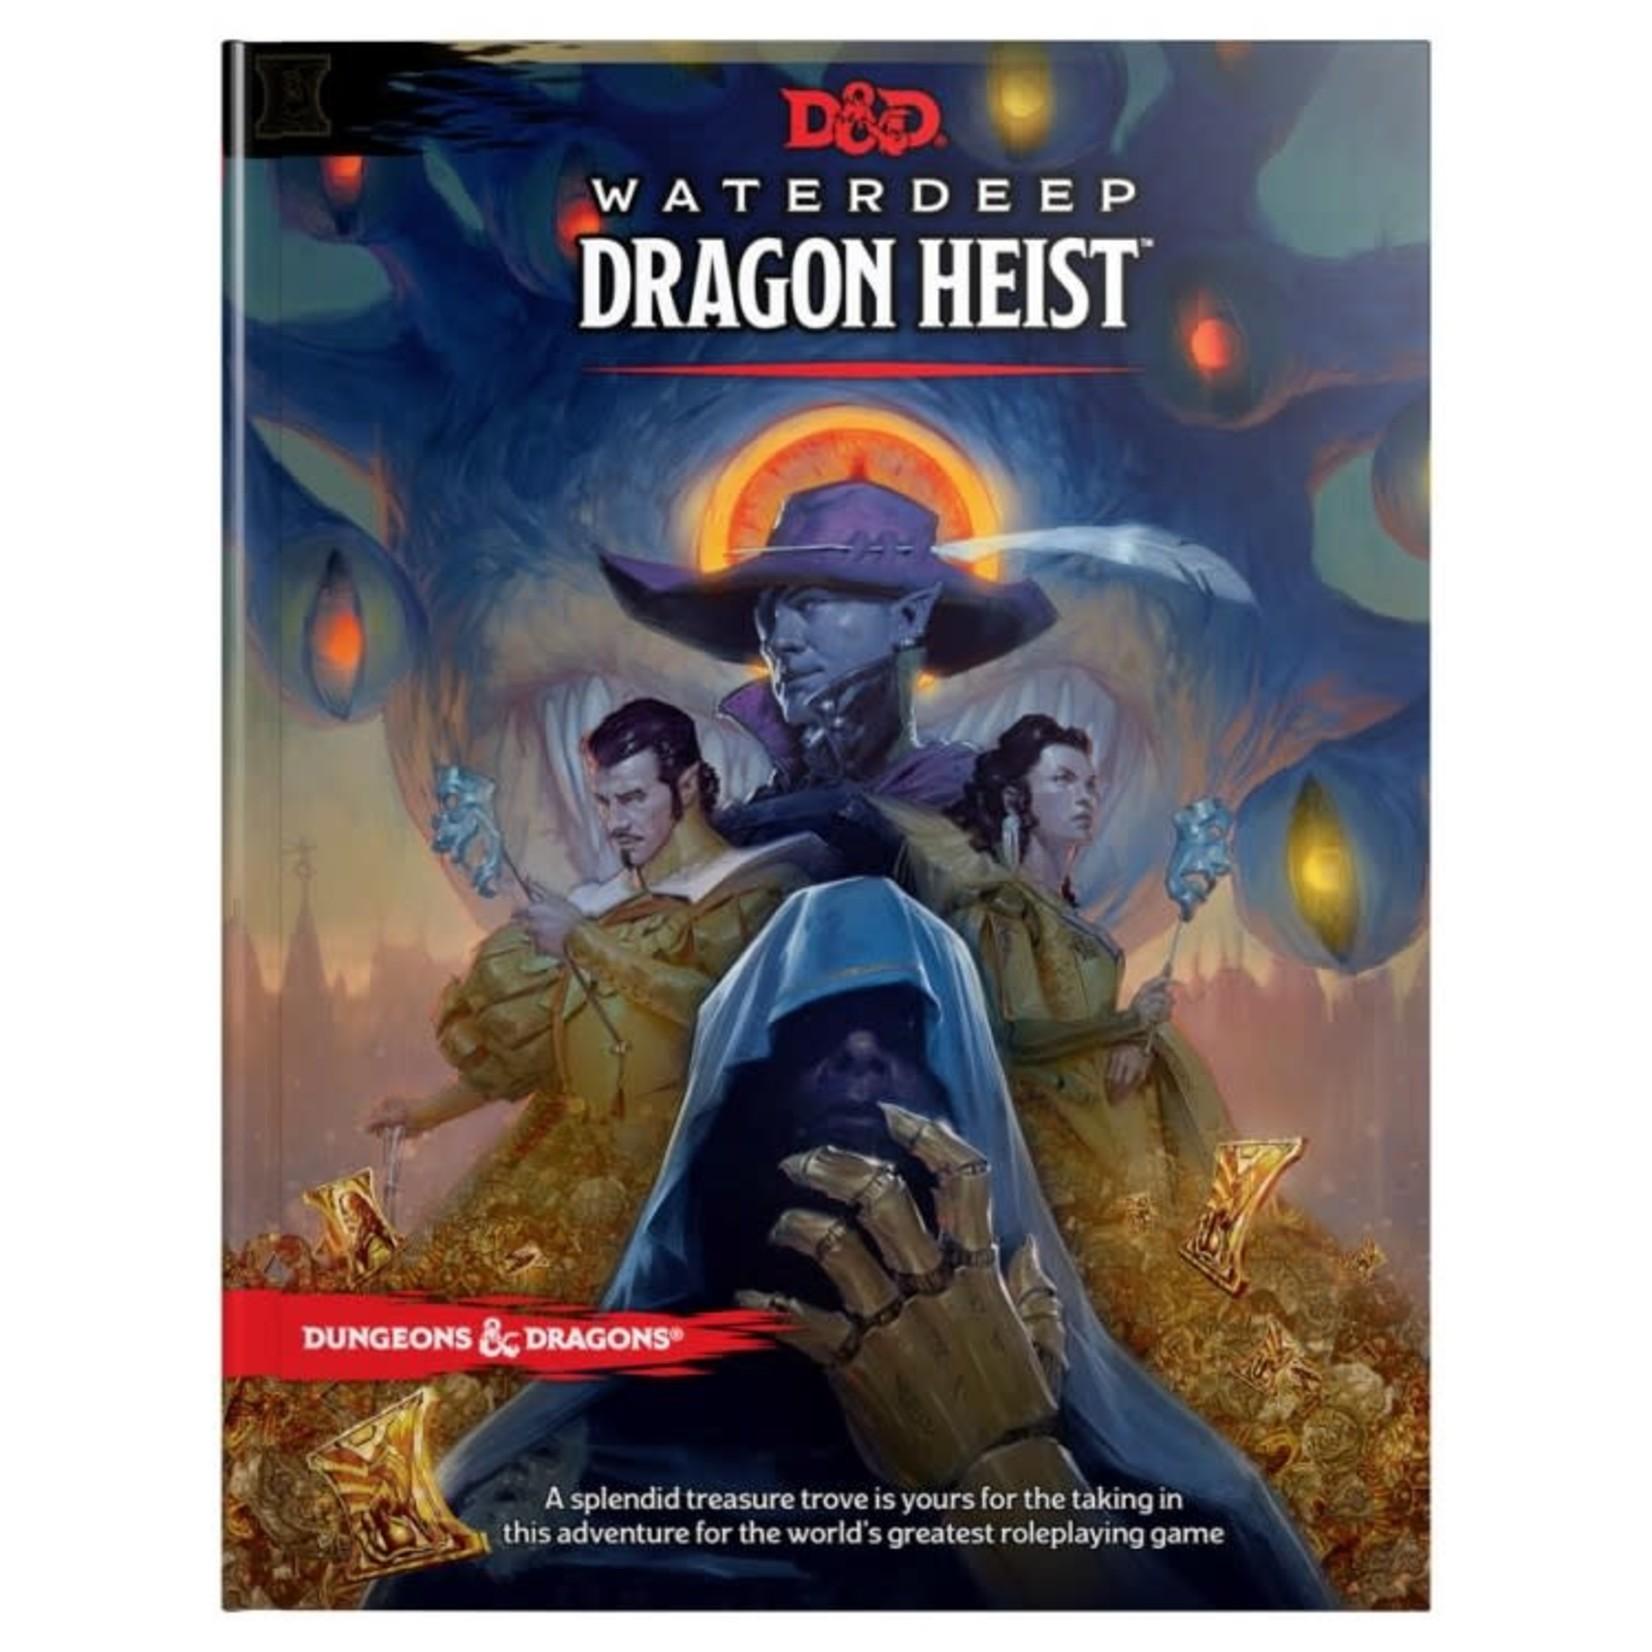 Dungeons & Dragons D&D 5e Waterdeep Dragon Heist